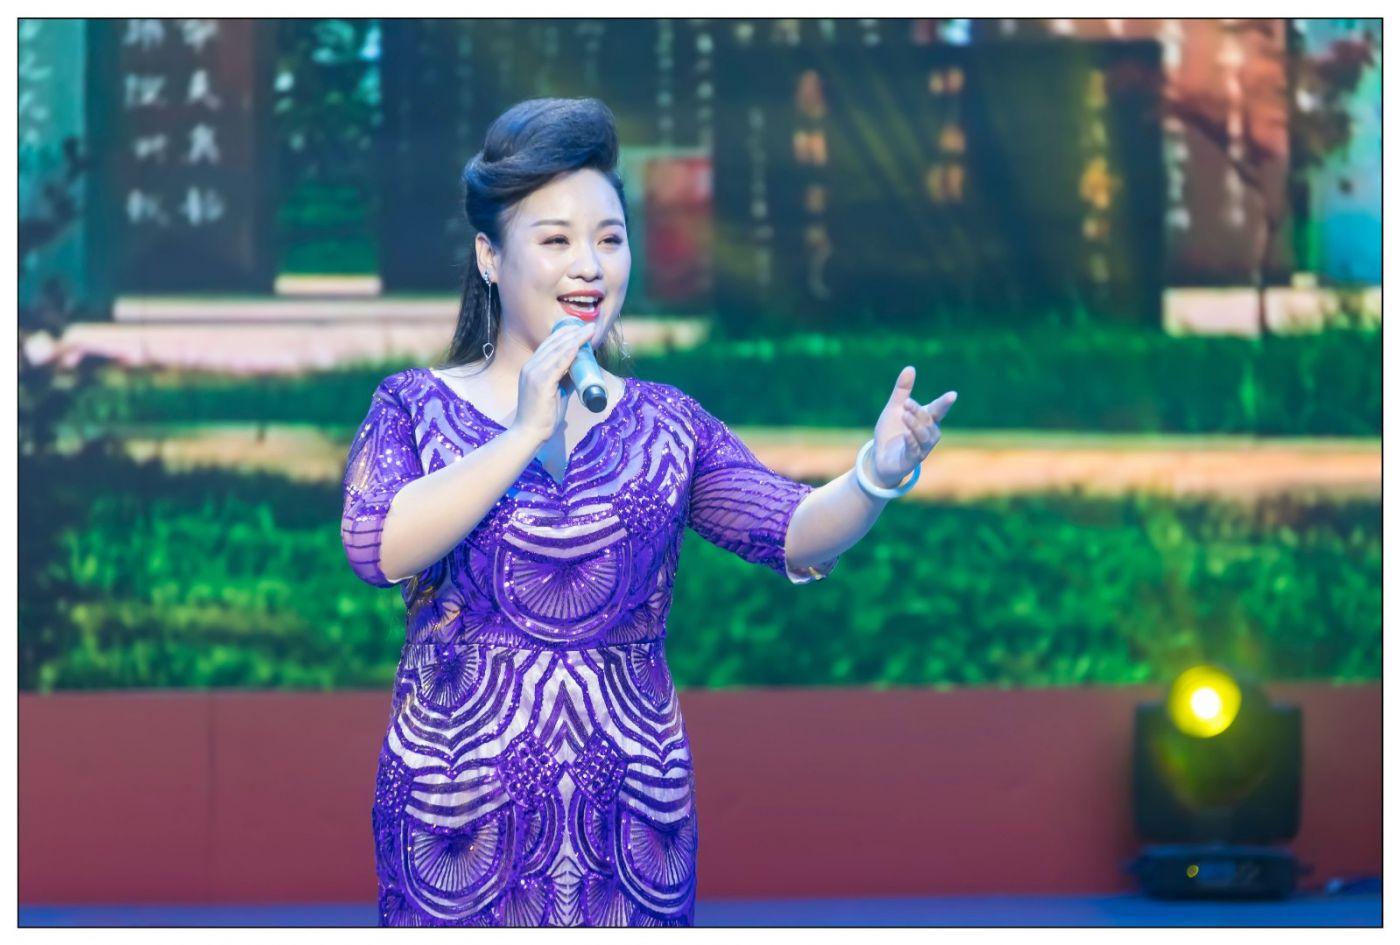 临沂姑娘杨妮妮曾感动春晚总动员 今晚在临沂电视台大放异彩 ..._图1-26